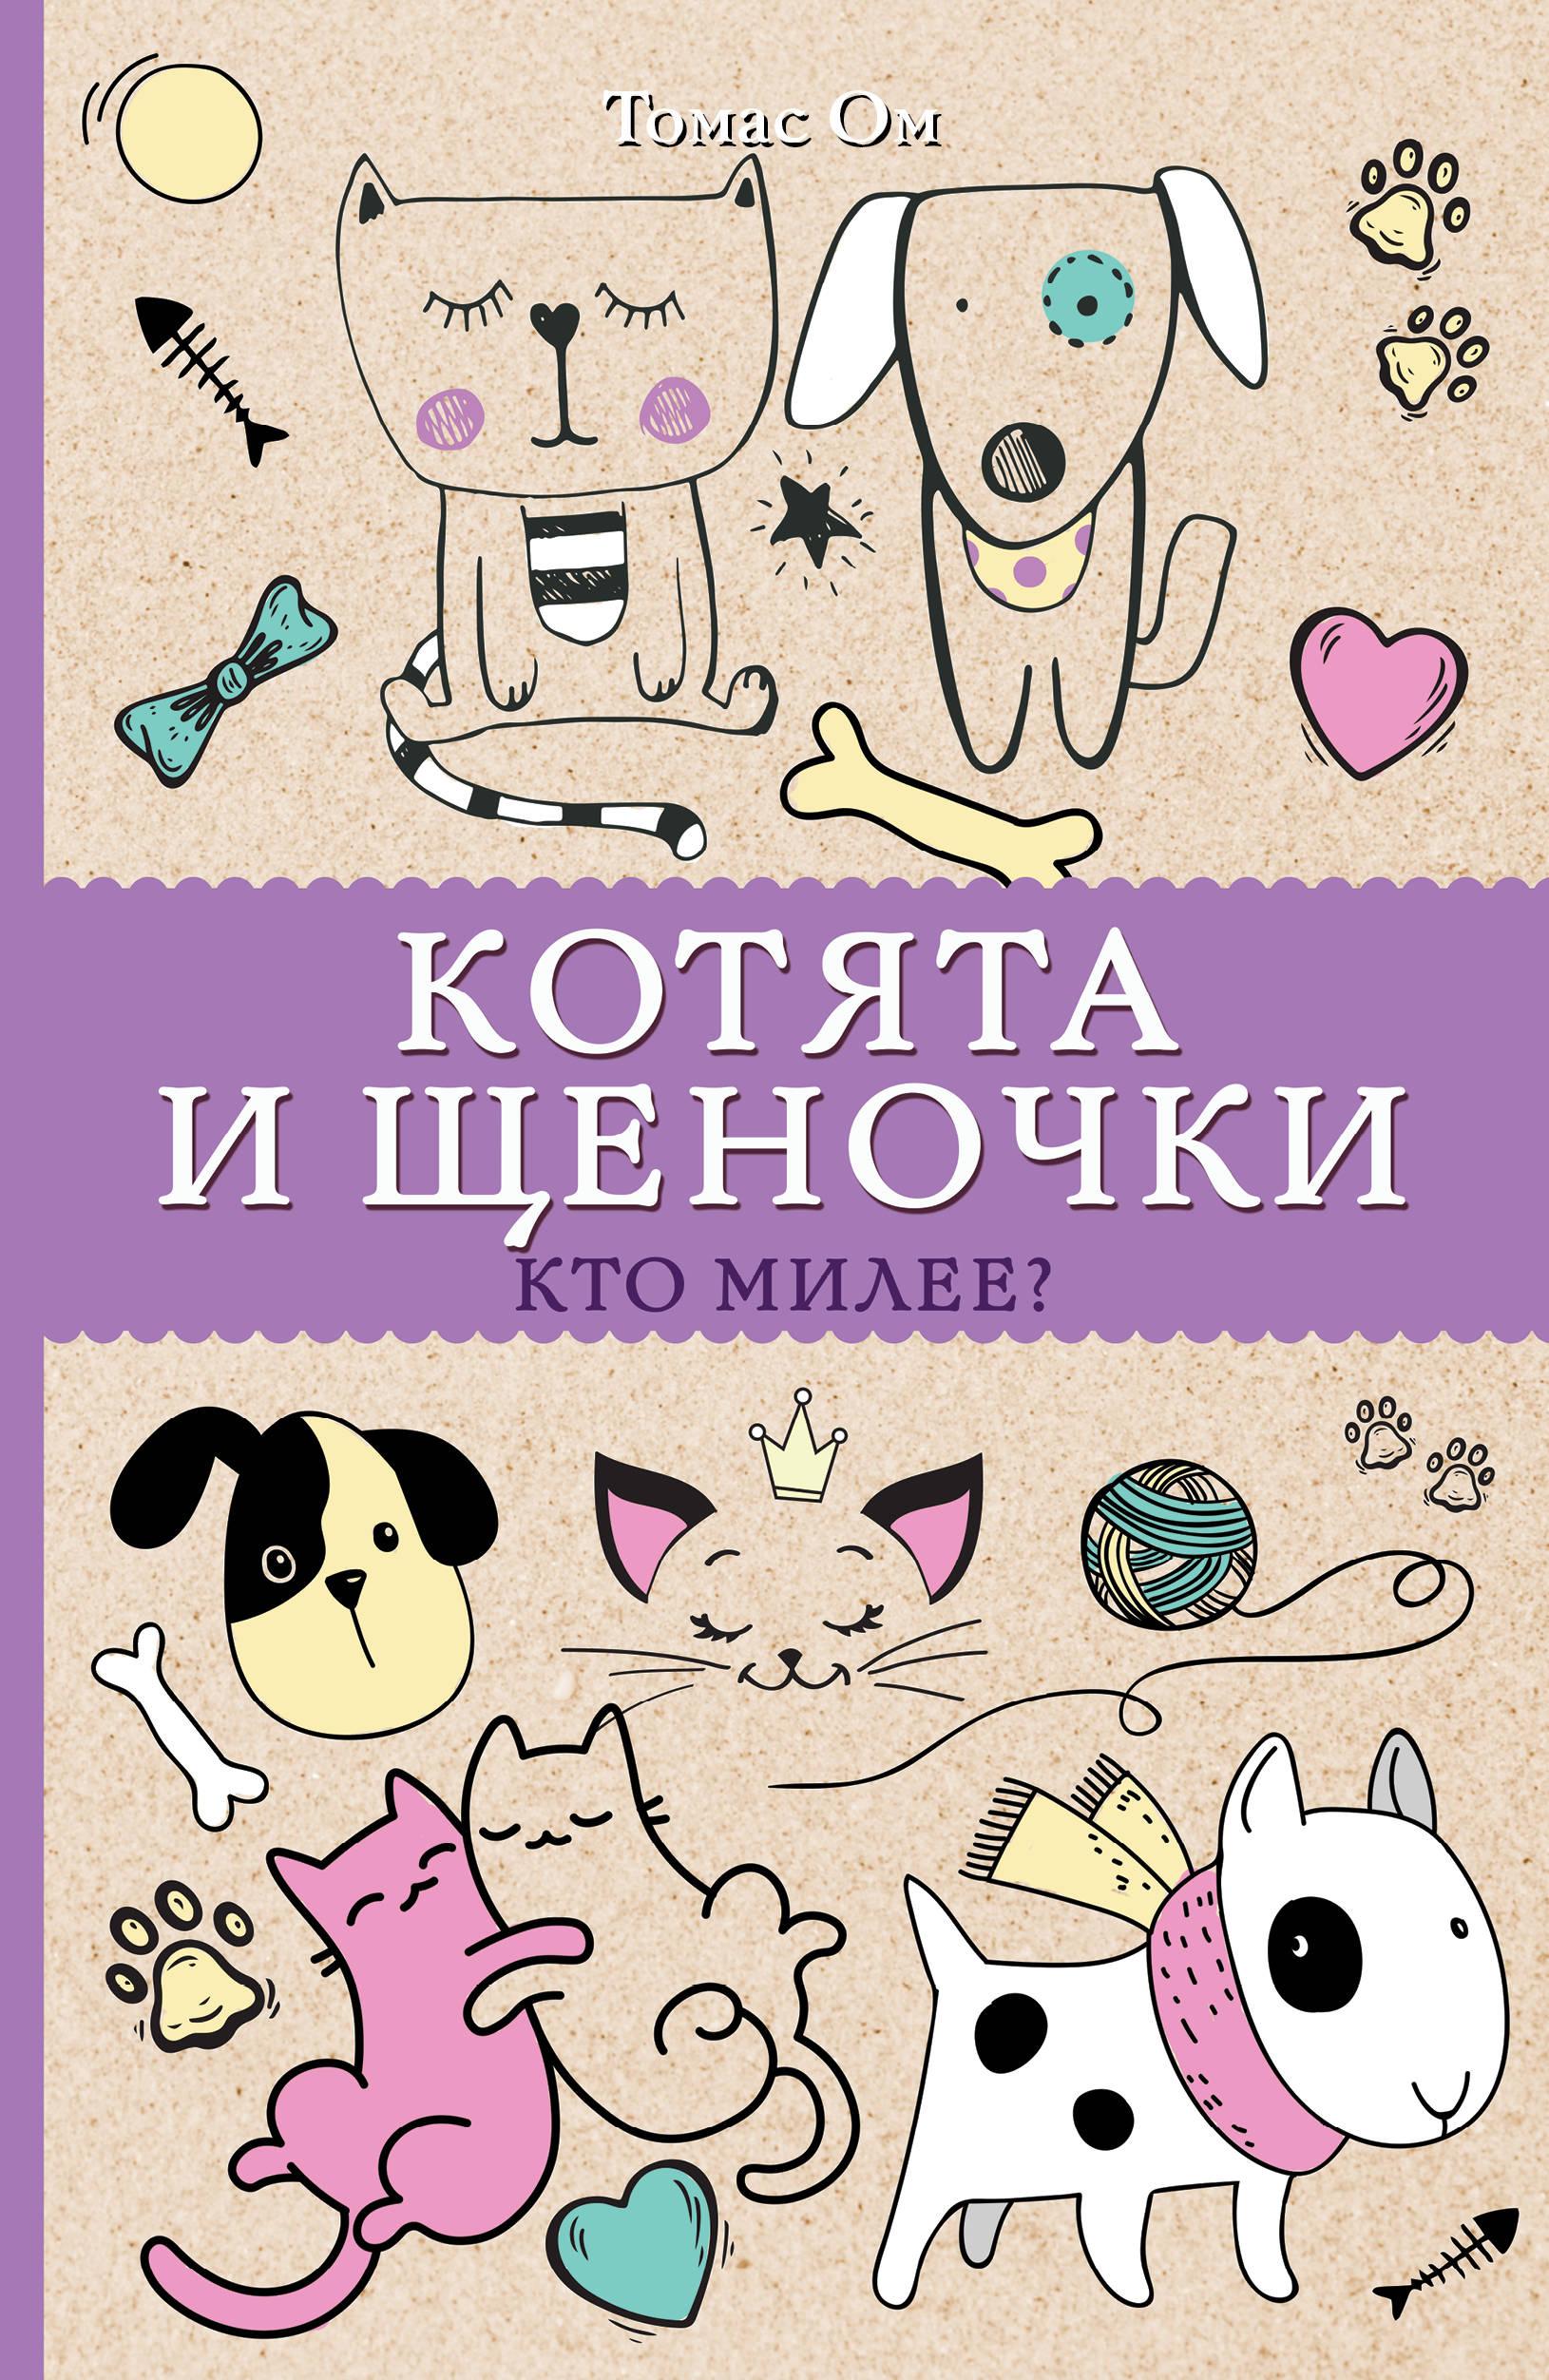 Котята и щеночки. Кто милее?